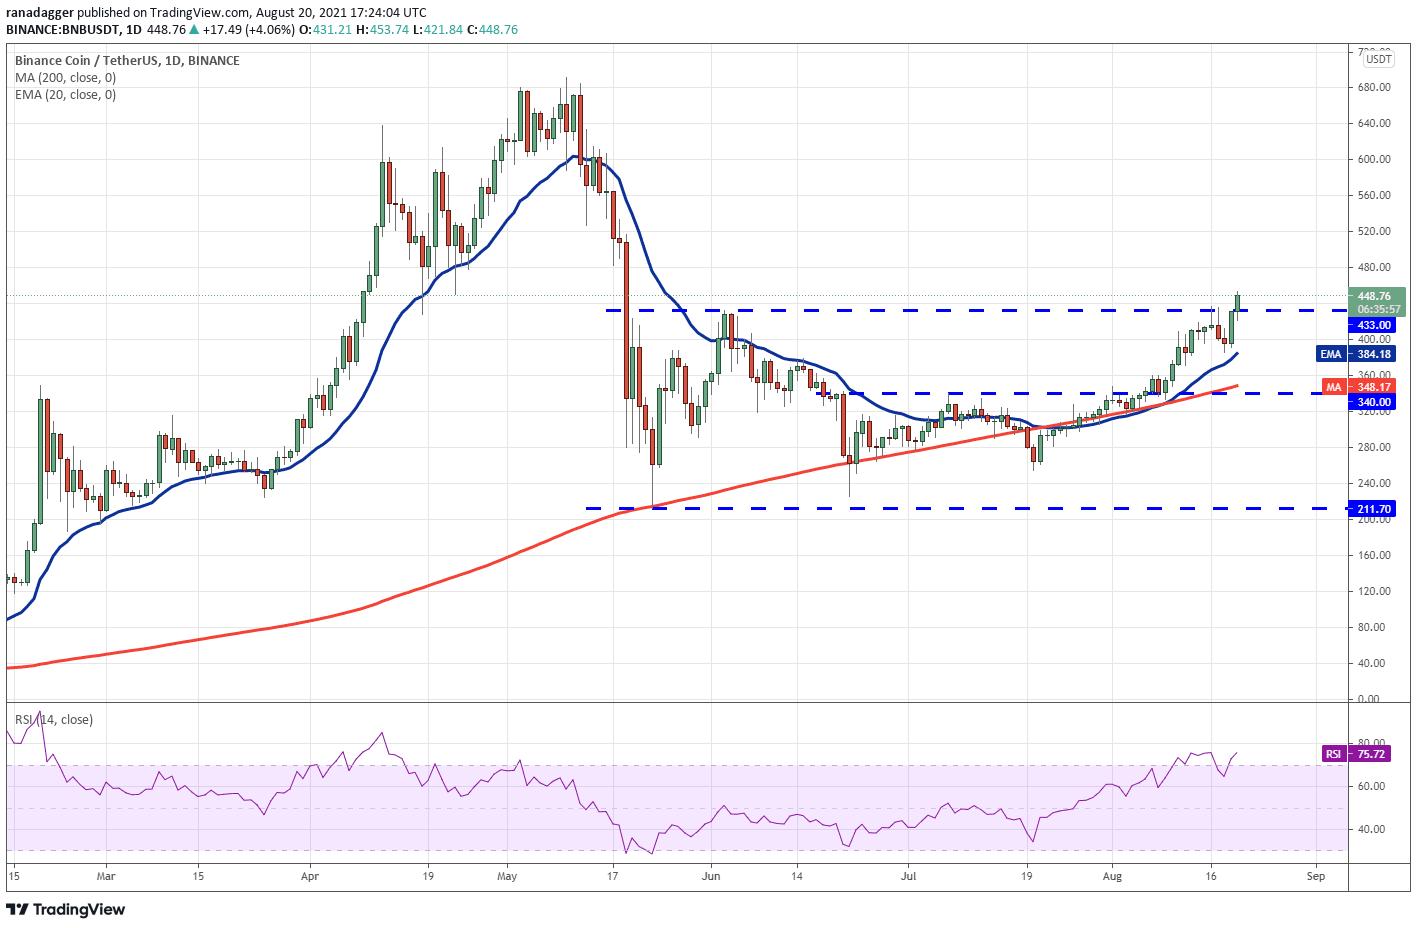 تحلیل قیمت ارز دیجیتال بایننس کوین - 30 مرداد 1400